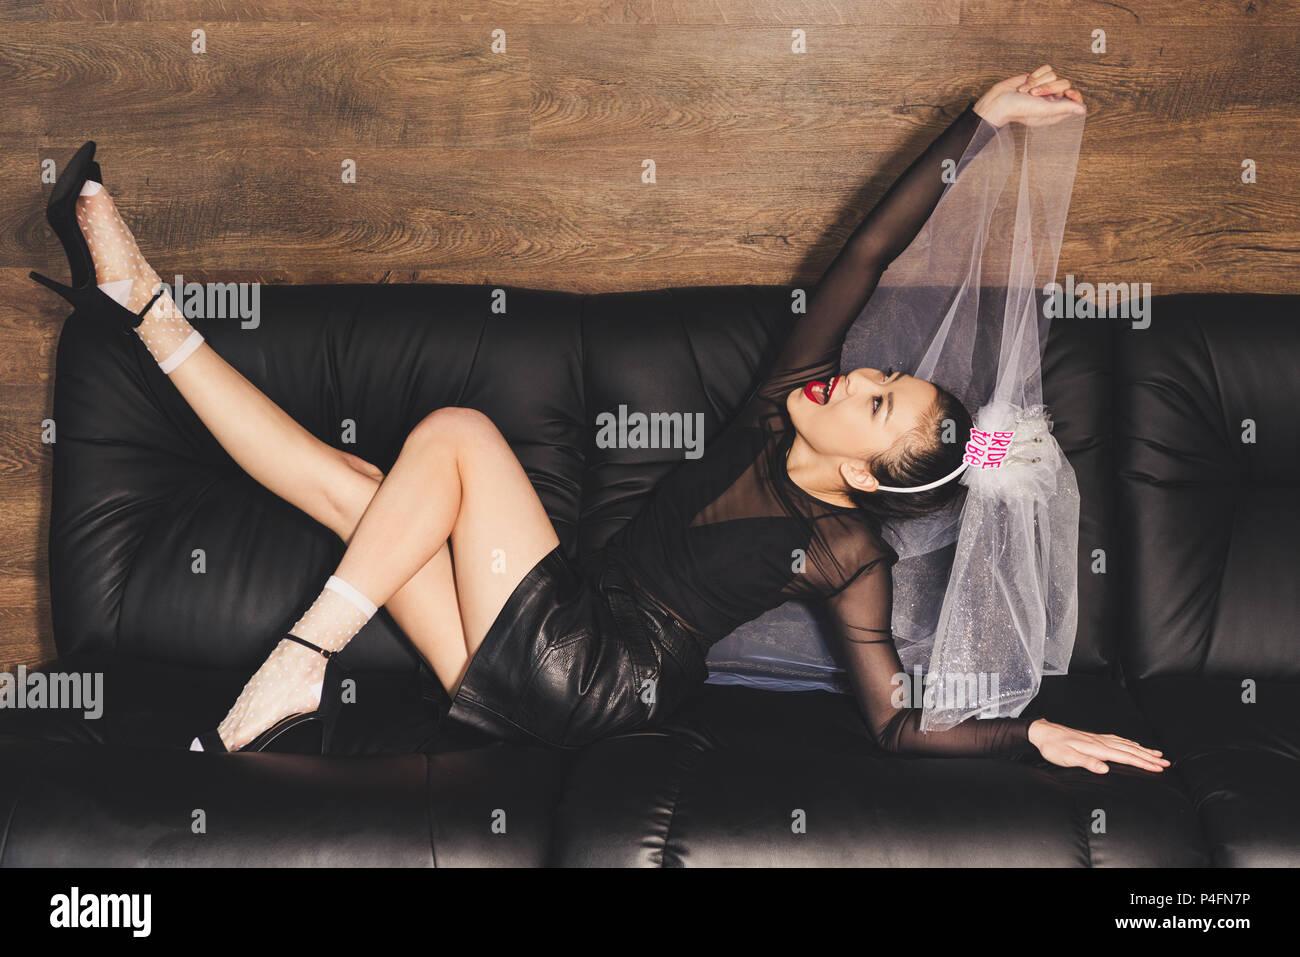 Felice fidanzato asiatici in velo sdraiato sul divano Immagini Stock